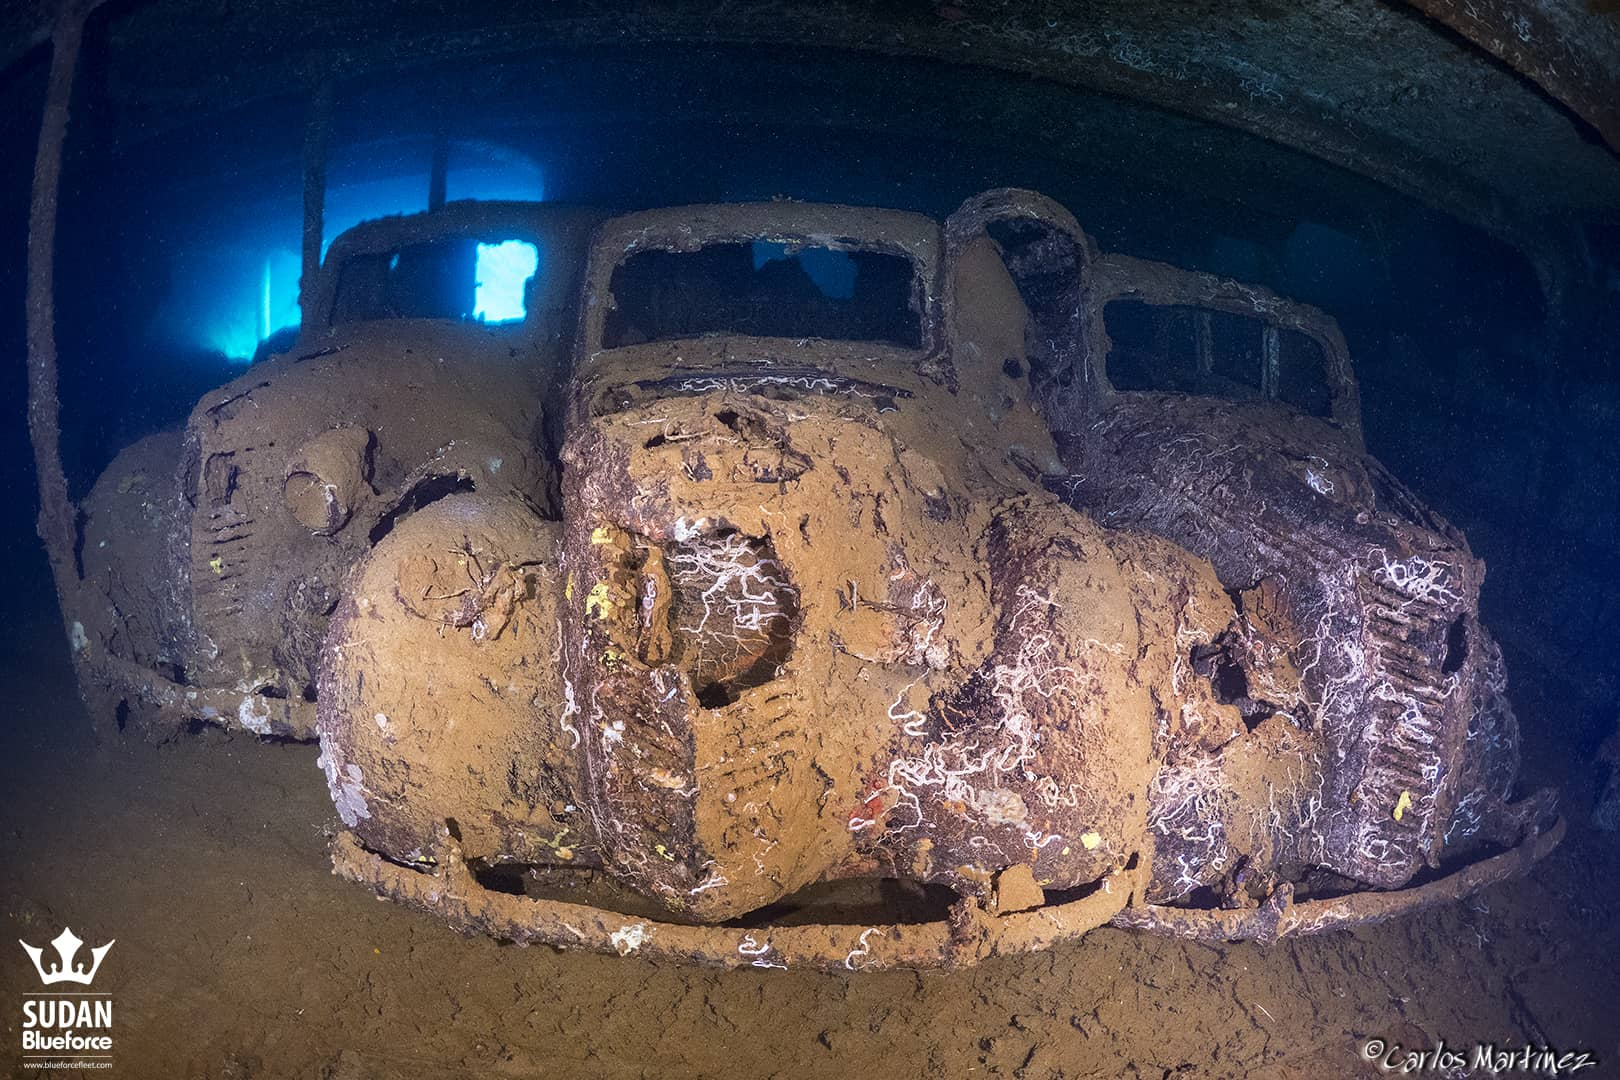 Sudan Diving Umbria Wreck Fiat Lunga